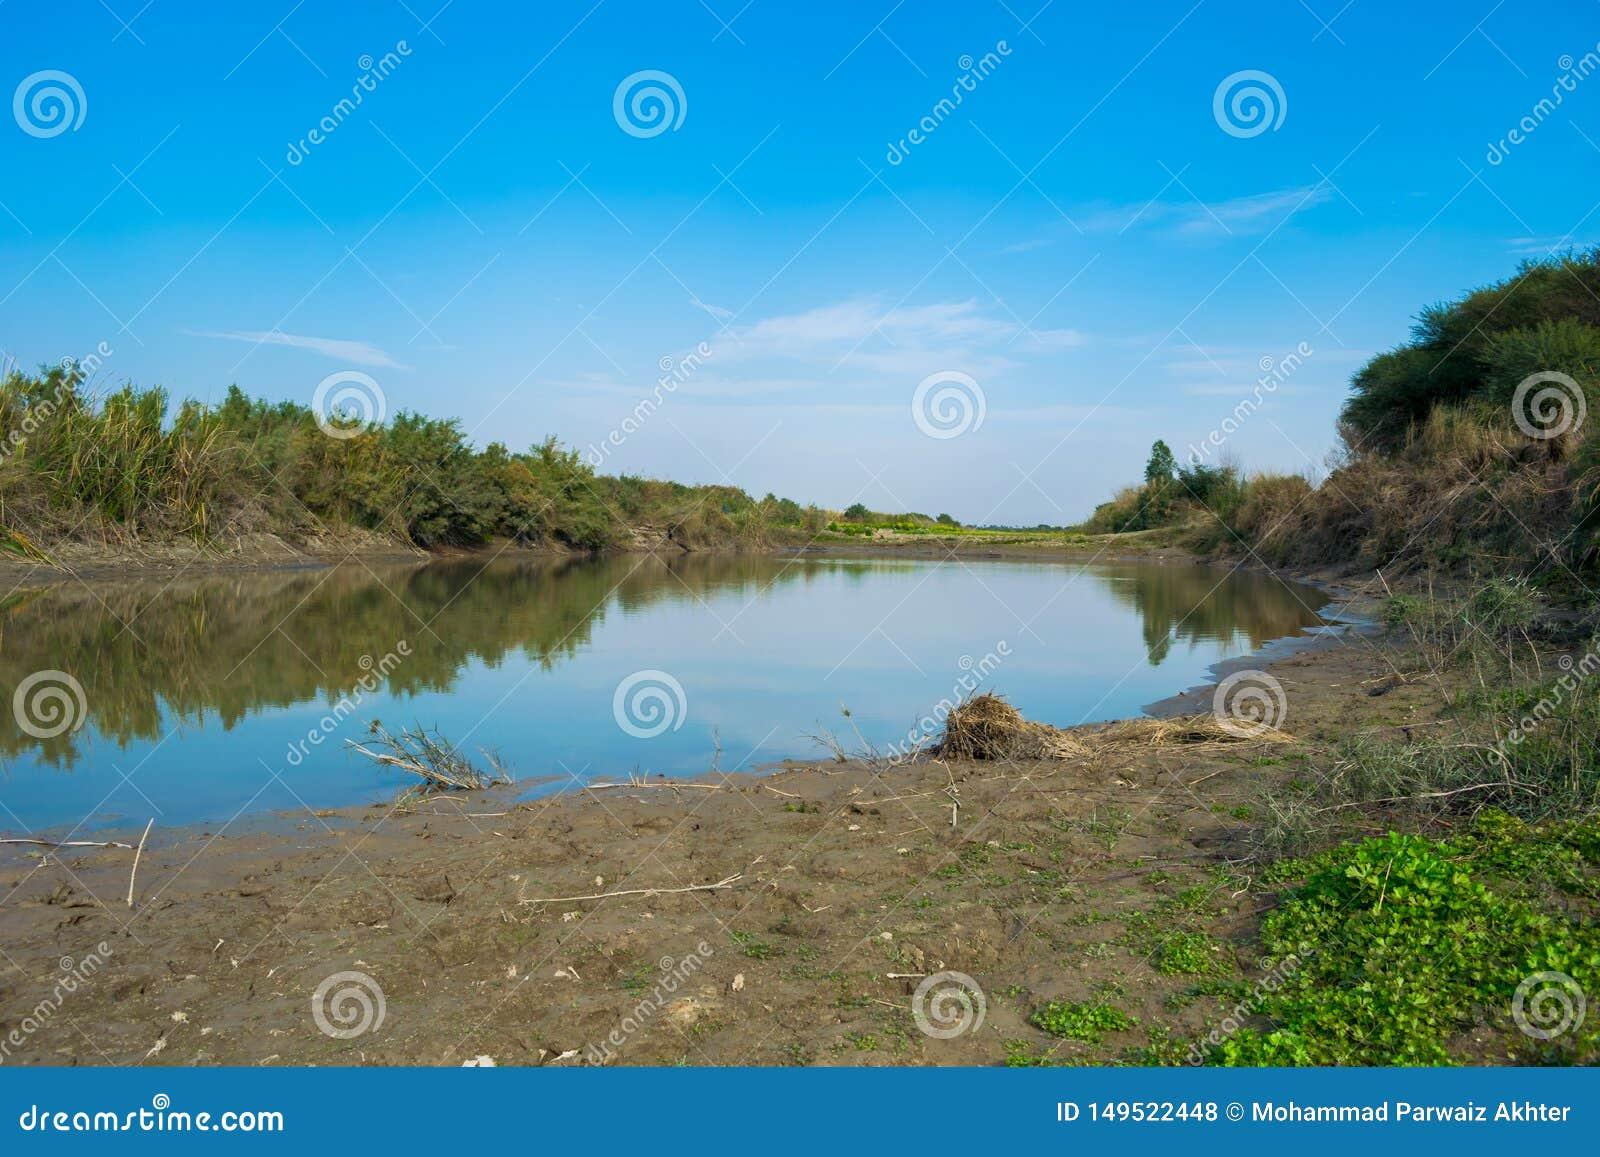 Ajungle的大海湖